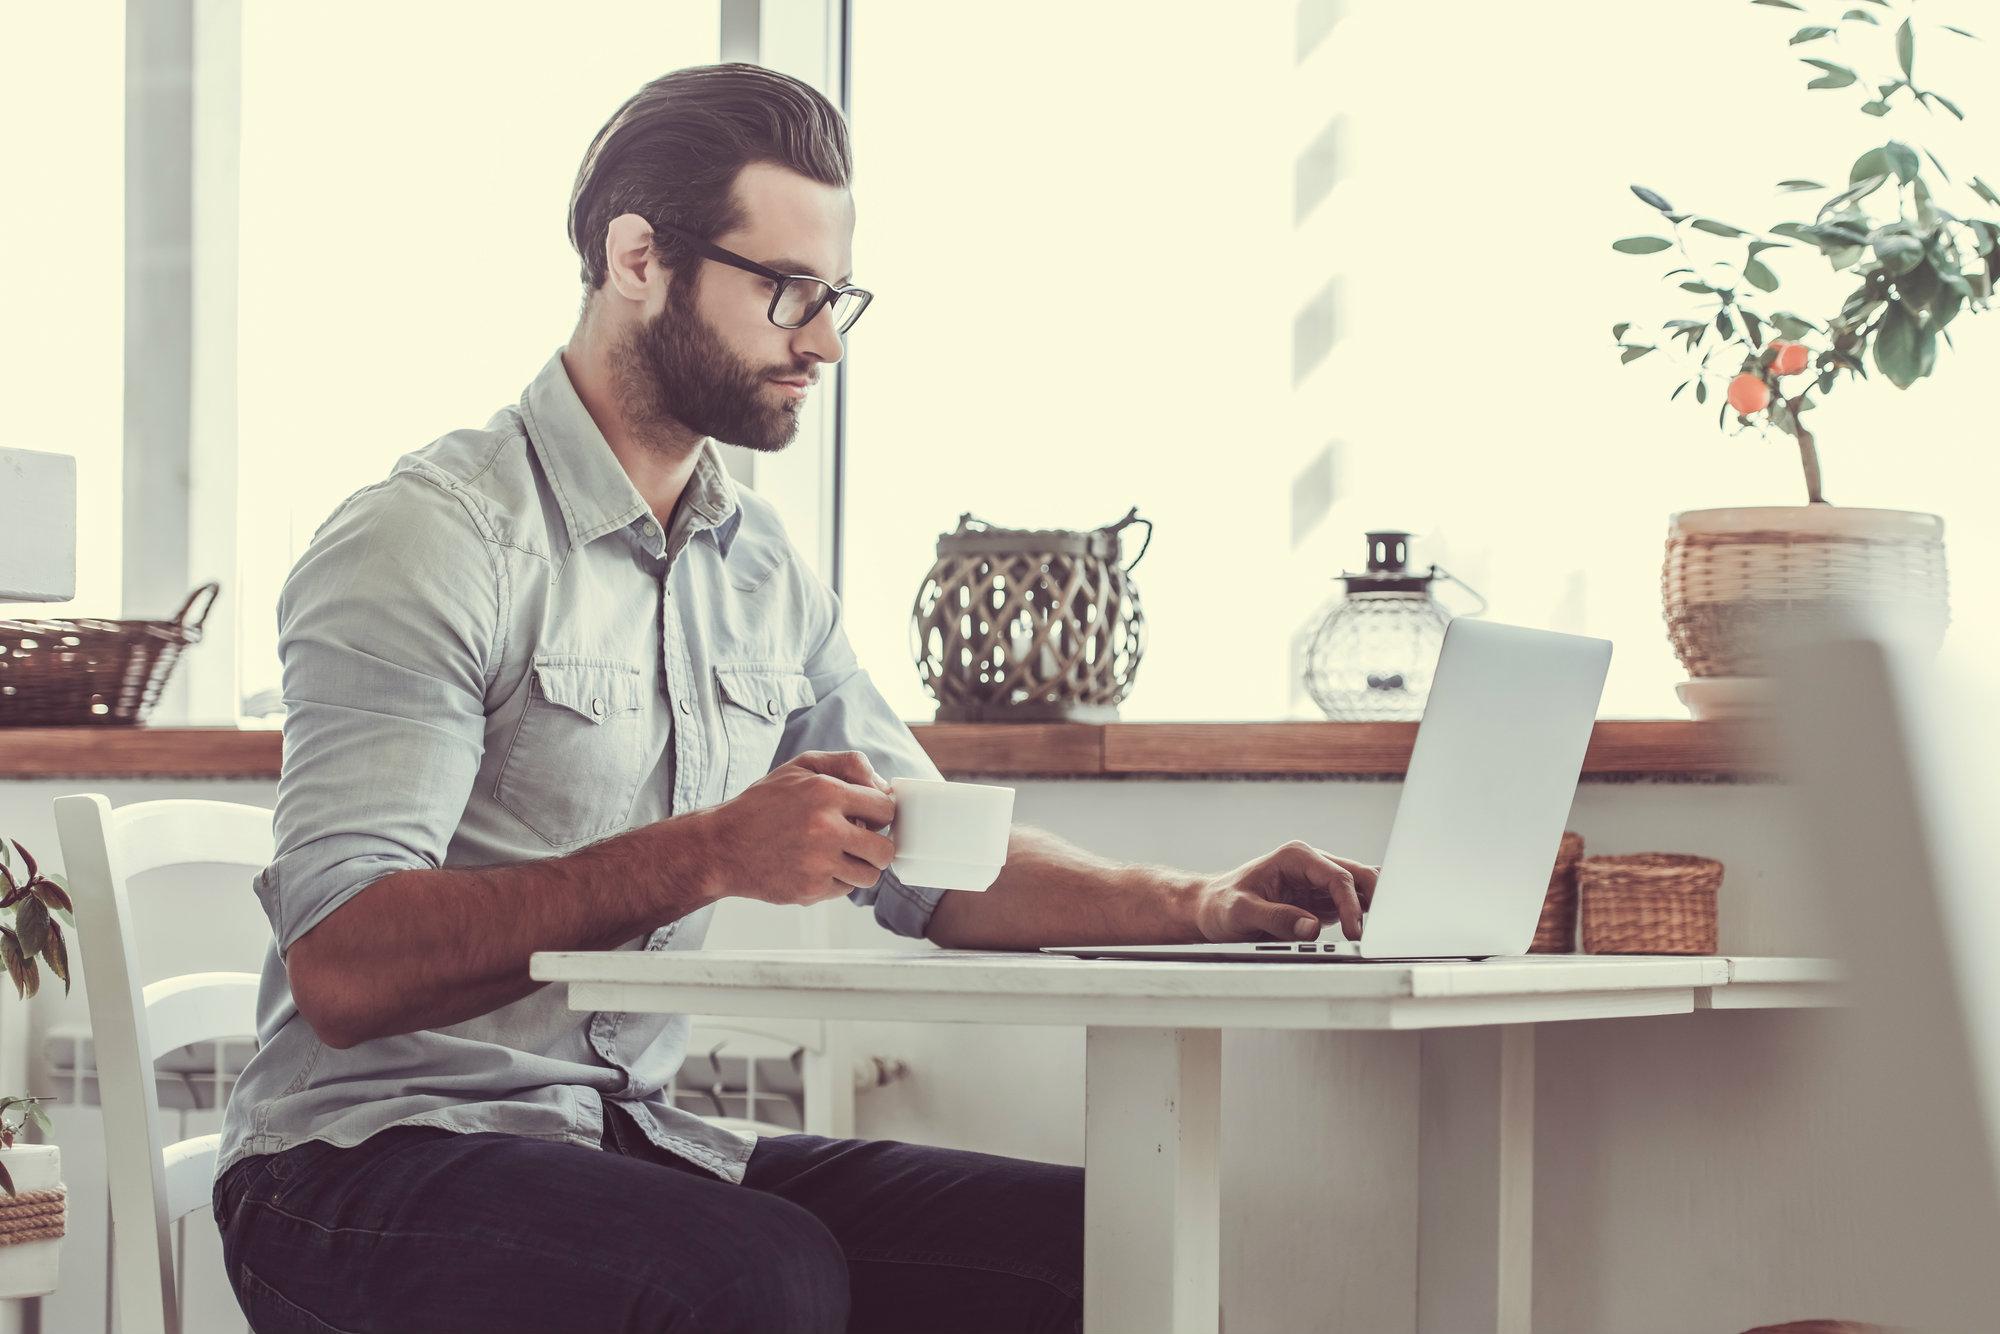 investir em uma franquia sem largar emprego